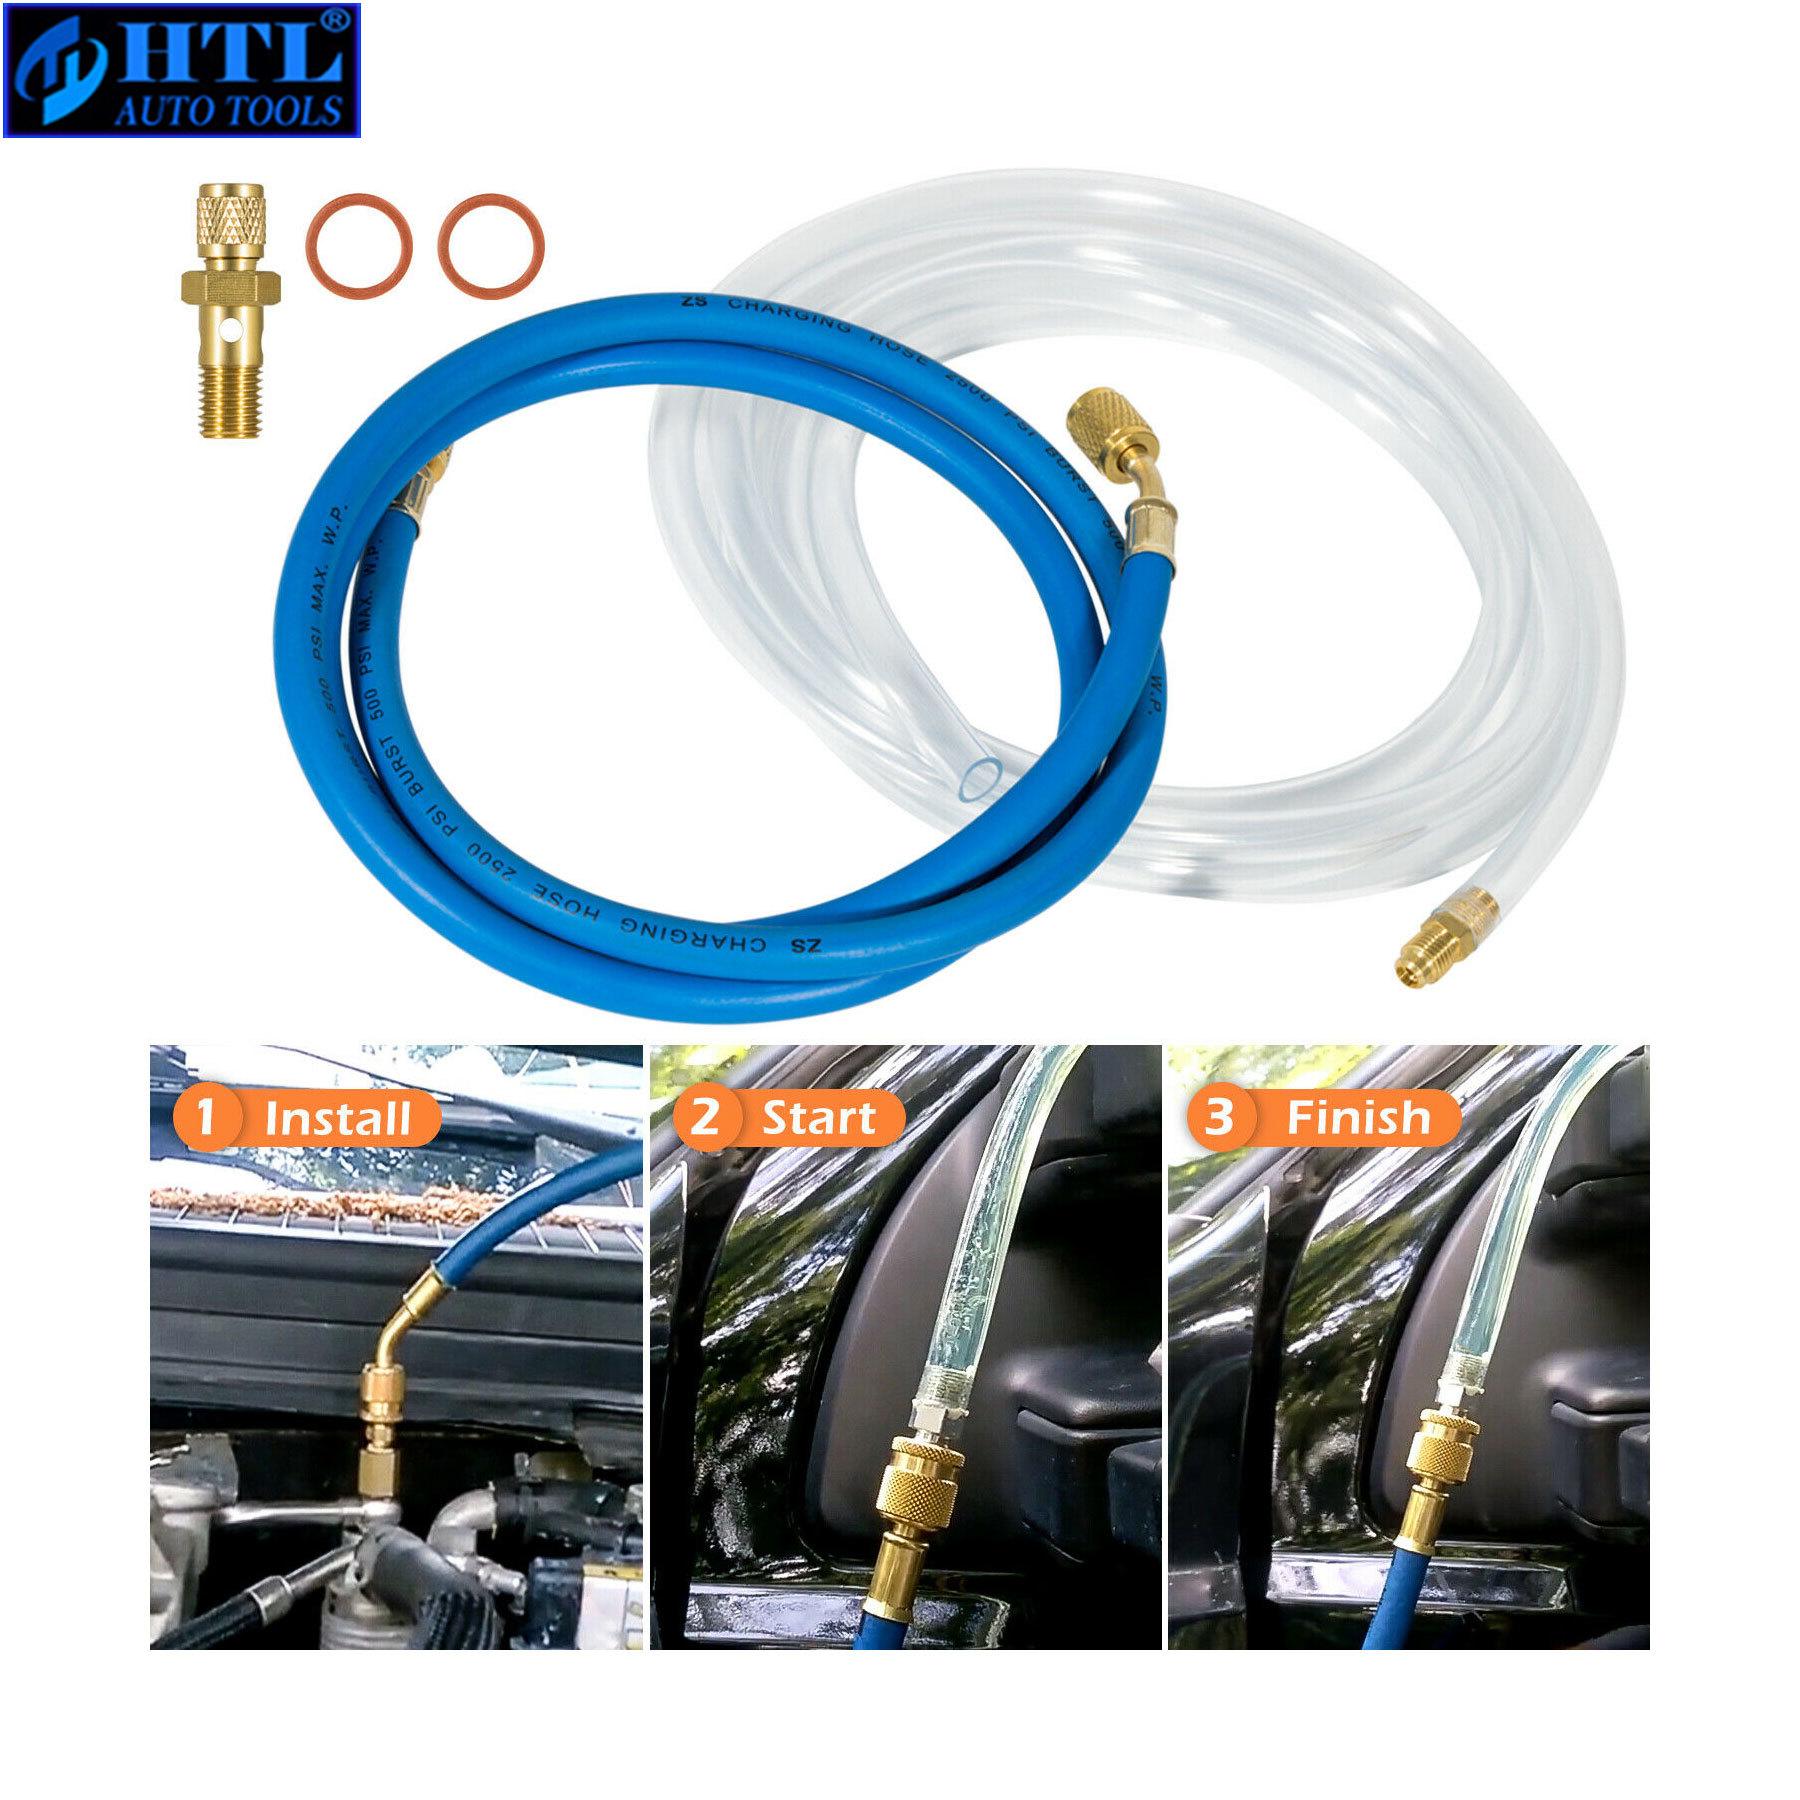 Топливный фильтр воздушный Bleeder сервисный комплект для Ford Powerstroke 2008-2010 дизель 6.4L